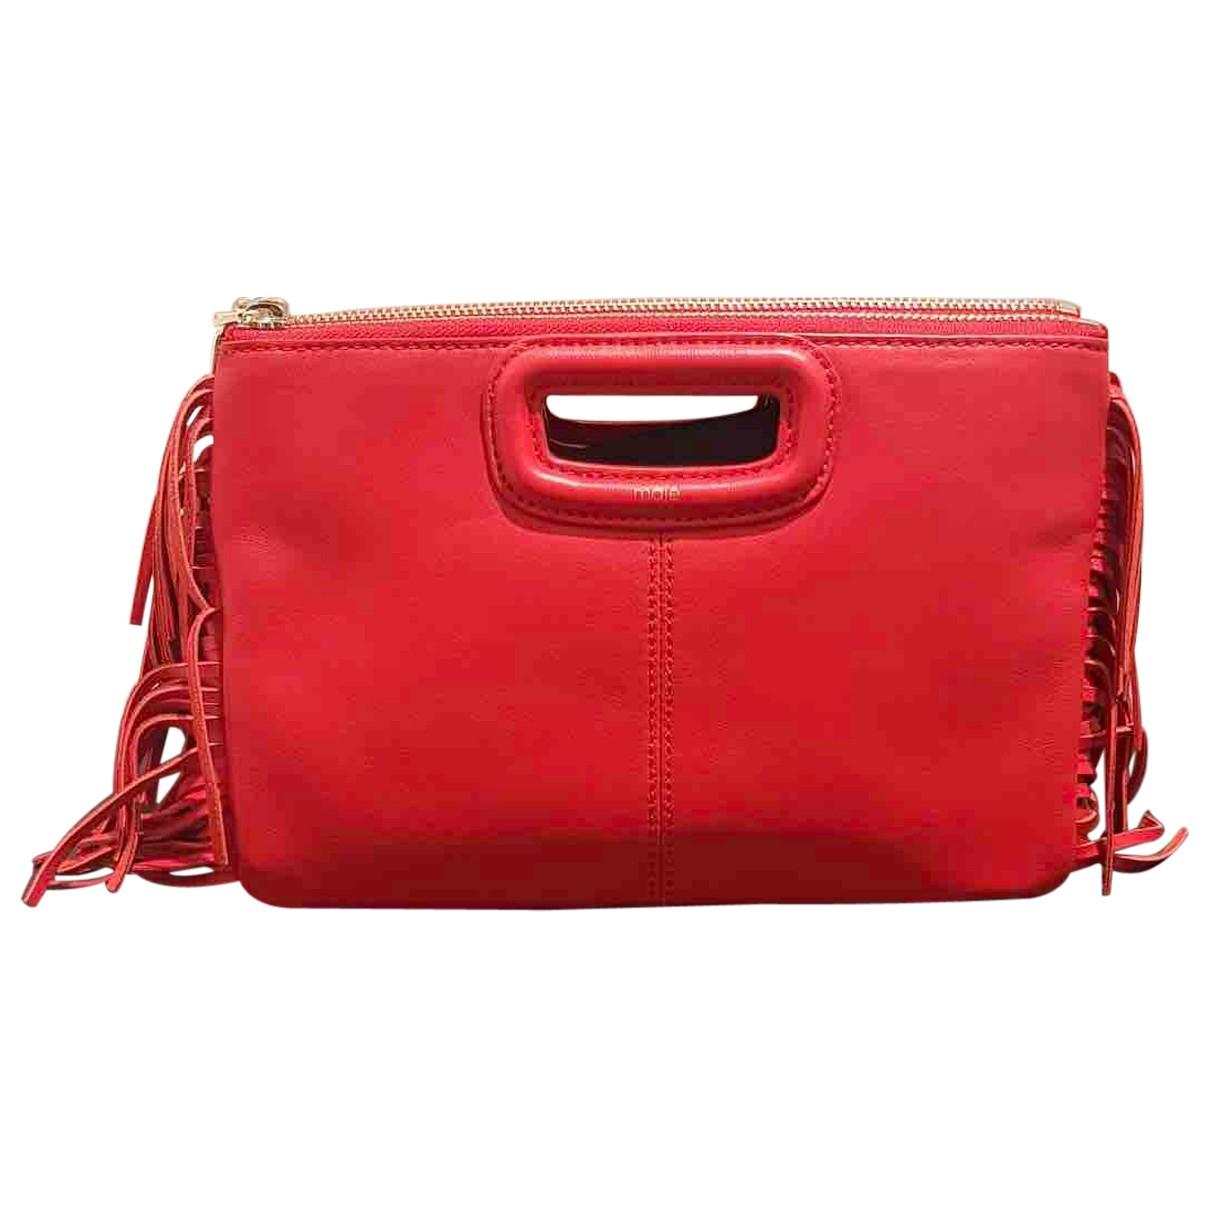 Maje - Pochette Sac M pour femme en cuir - rouge